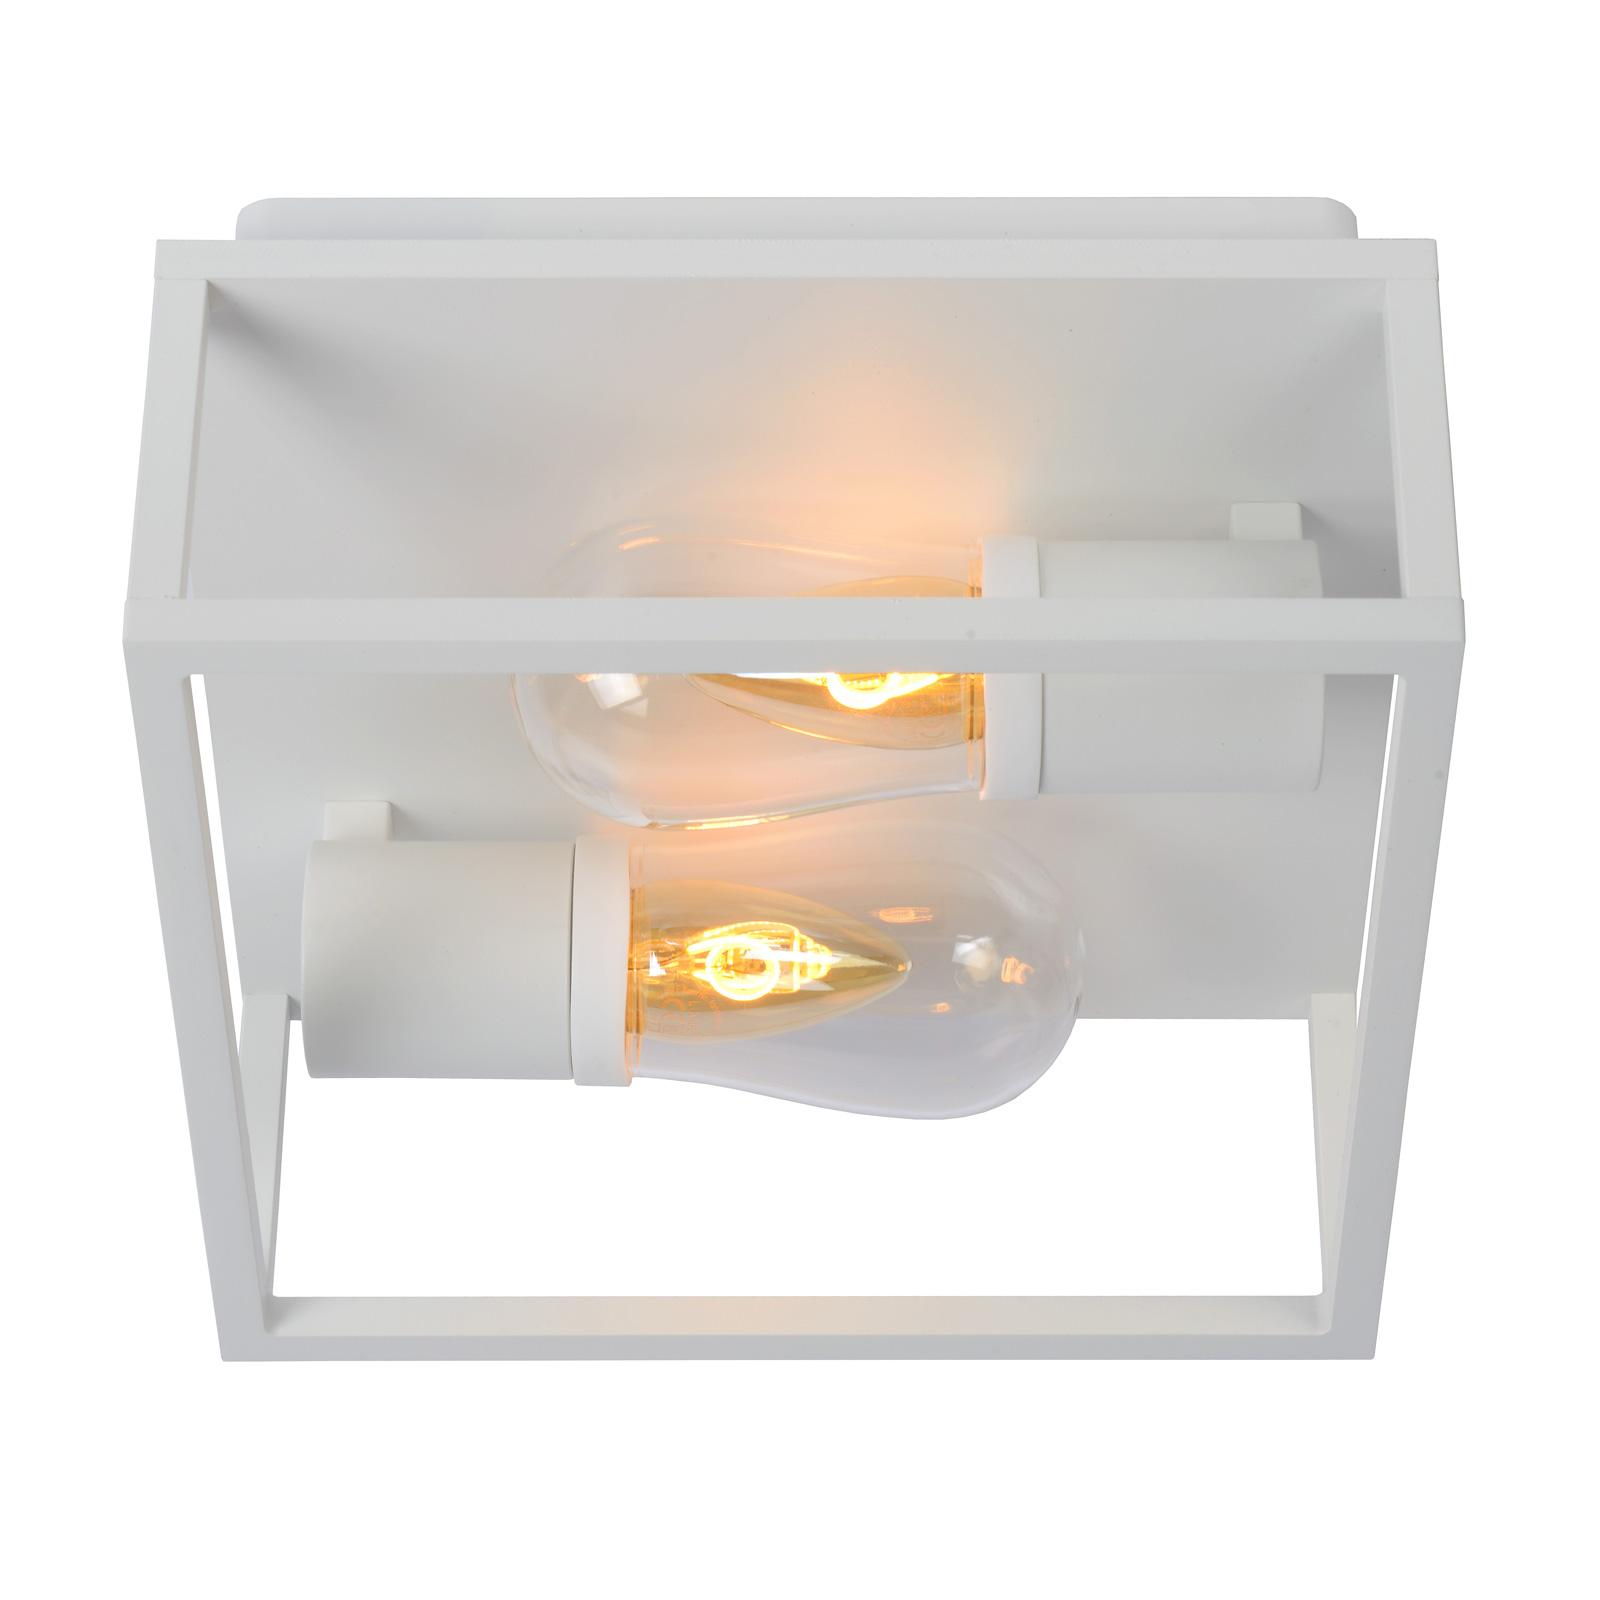 Billede af Carlyn loftlampe til badet, 2 lyskilder hvid